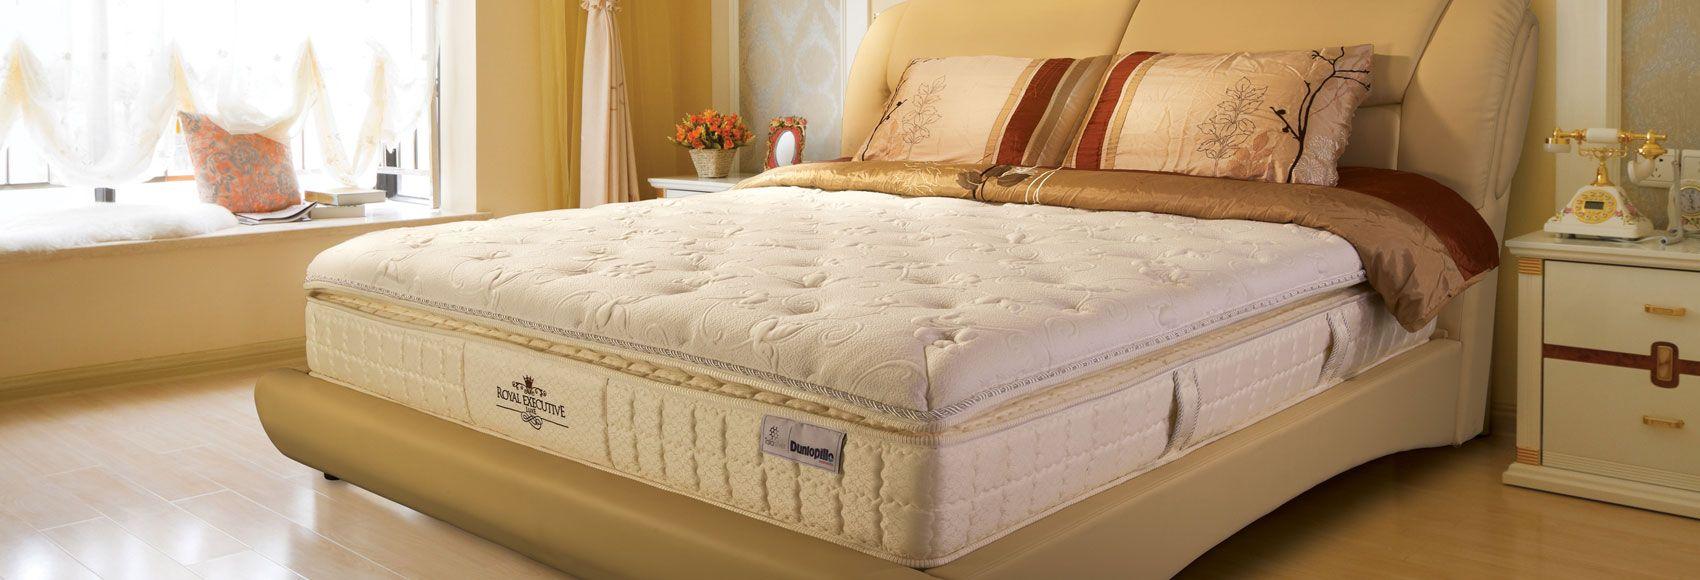 Dunlopillo World Royal Executive Luxe Bed Furniture Home Decor